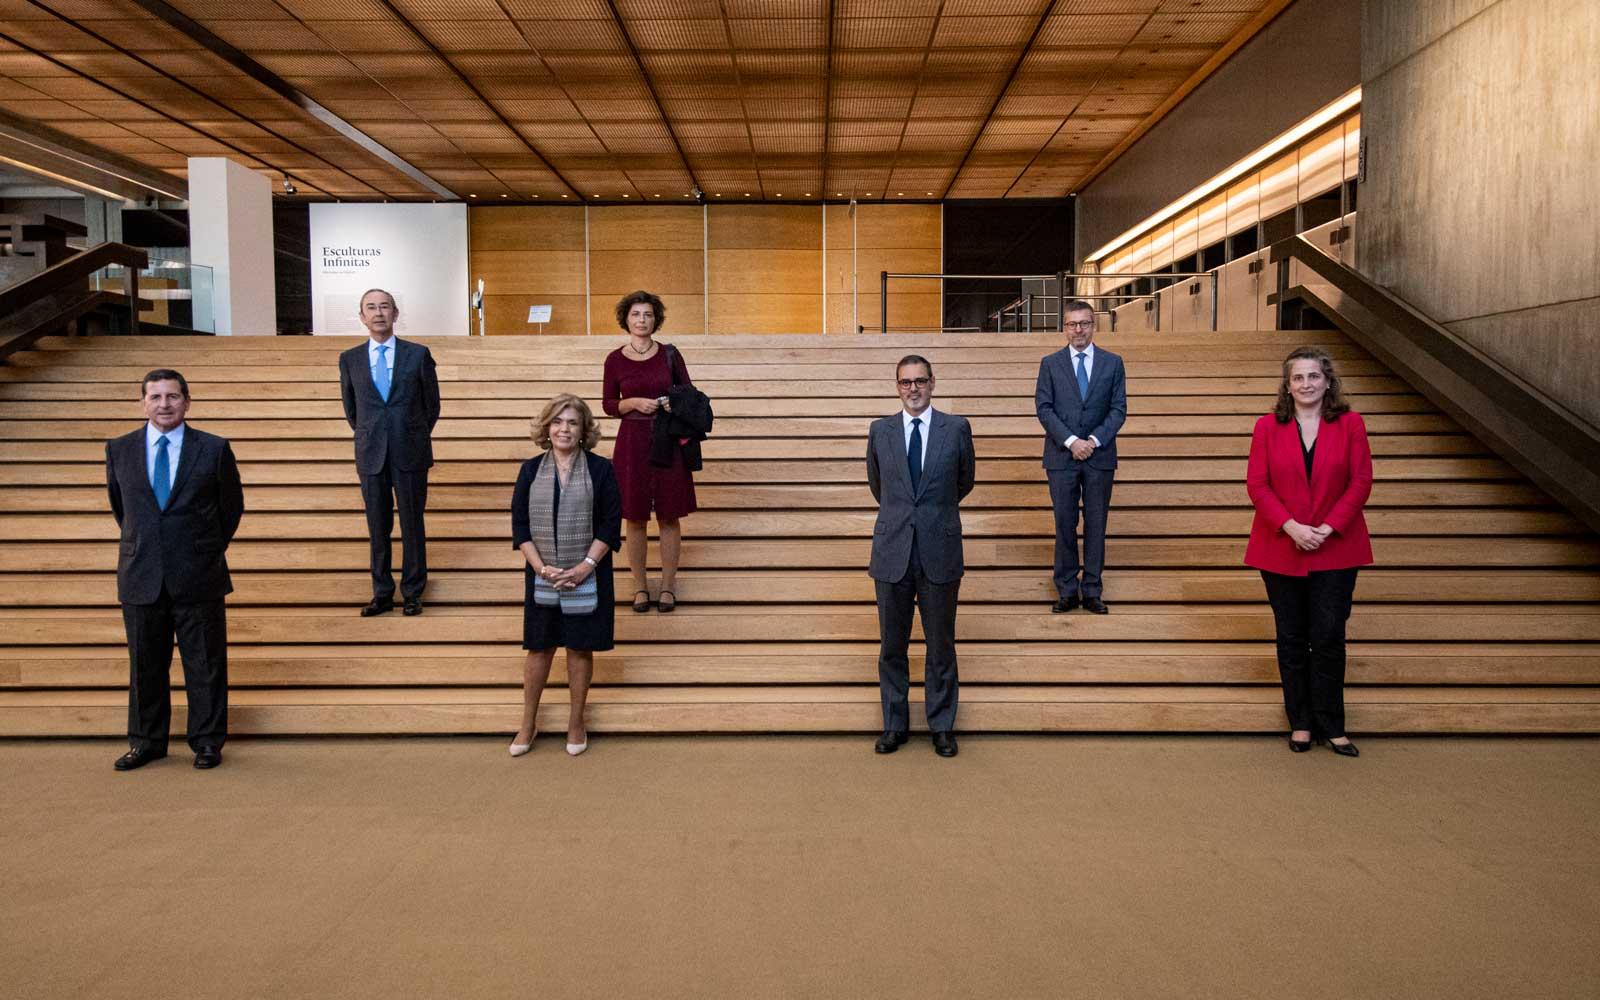 José Neves Adelino, Mónica Bettencourt Dias, Carlos Moedas (em cima) e Salvador de Mello, Isabel Mota, Rui Diniz e Catarina Gouveia (em baixo), após a assinatura do protocolo ©Márcia Lessa